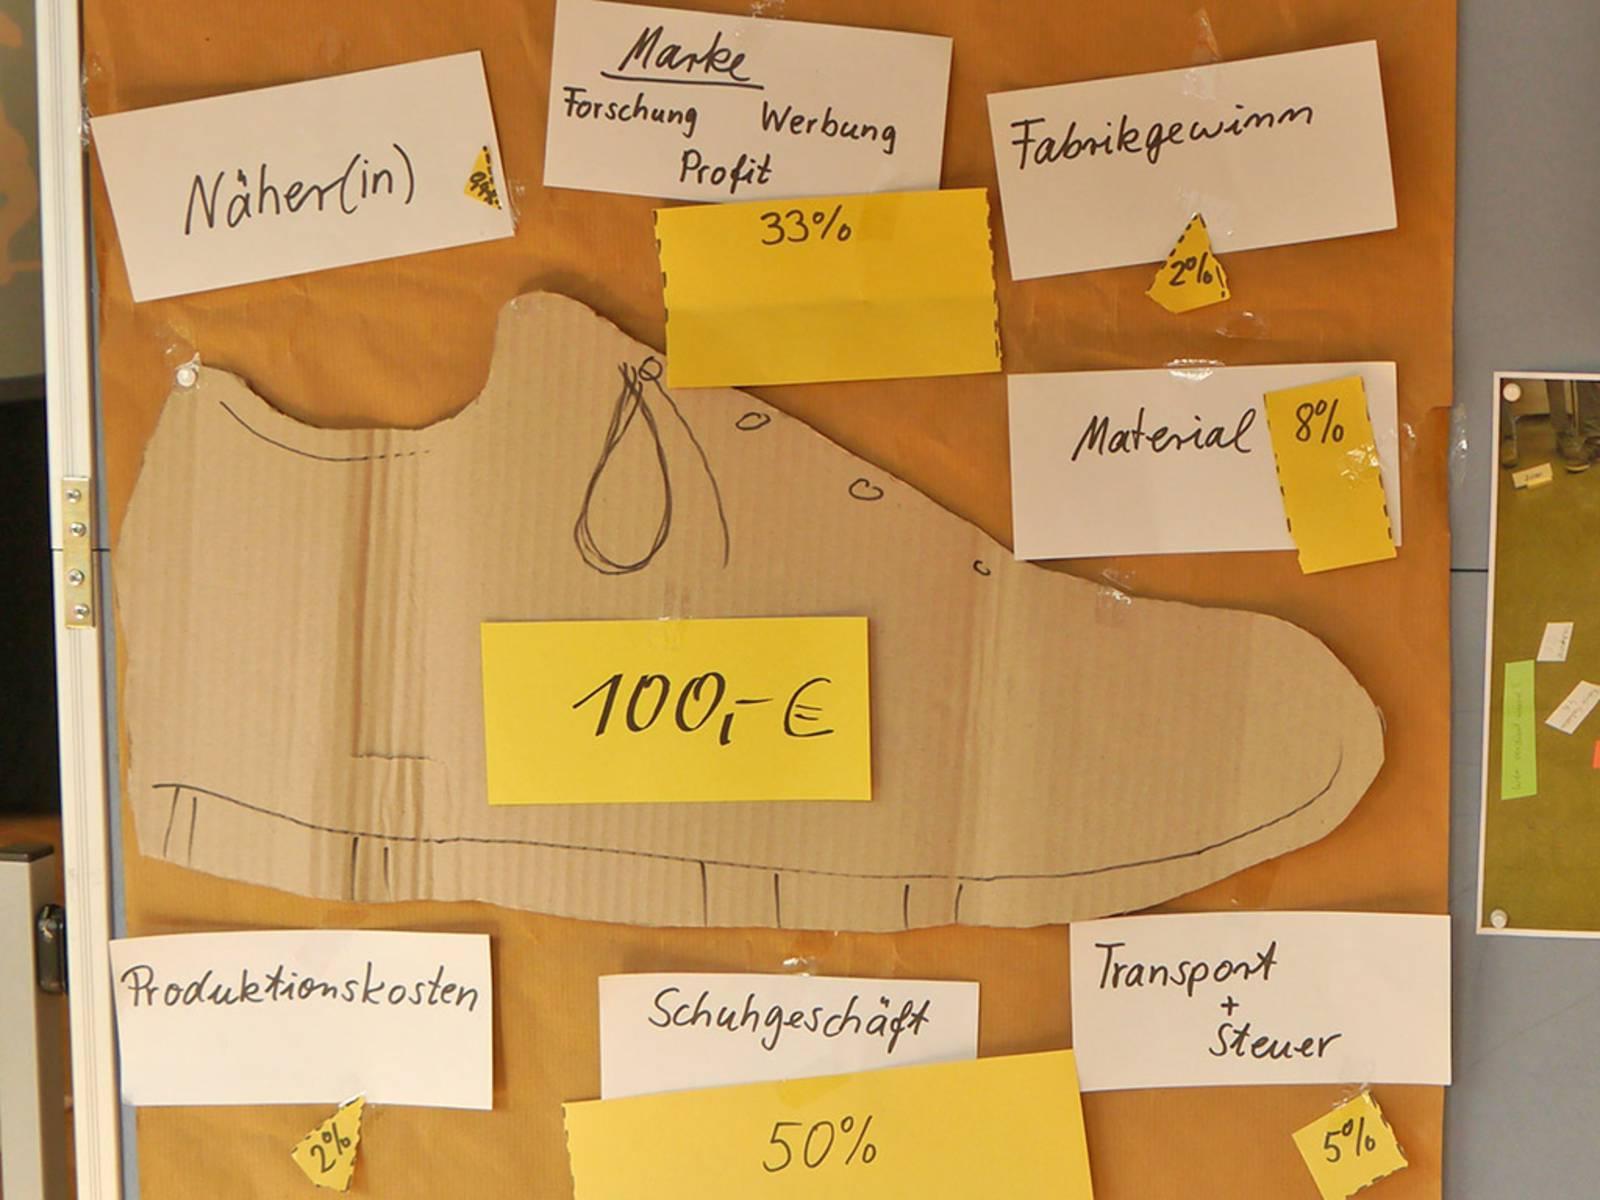 Auf einer Pinnwand ist der Umriss eines Schuhs ausgeschnitten, der 100 Euro kosten soll, und daneben sind die Kosten für die Produktion und Vermarktung dargestellt. Der größte Anteil aus den 100 Euro gehen an den Zwischenhandel und die Vermarktung, und nur ein Bruchteil kommt bei den Herstellenden an.